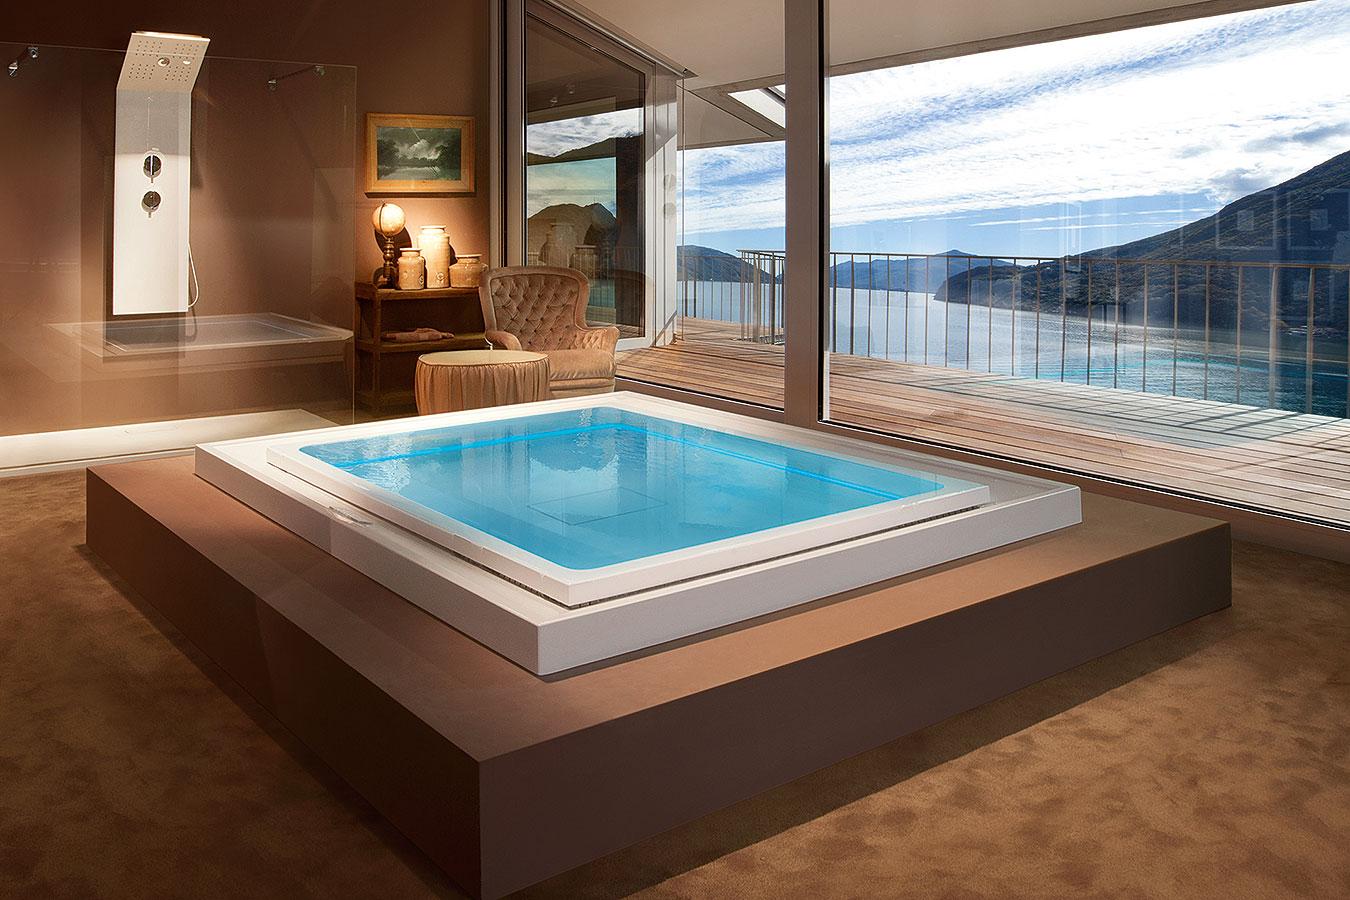 Fusion spa 230 vasca idromassaggio spa a sfioro ghost - Vasca da bagno piscina ...